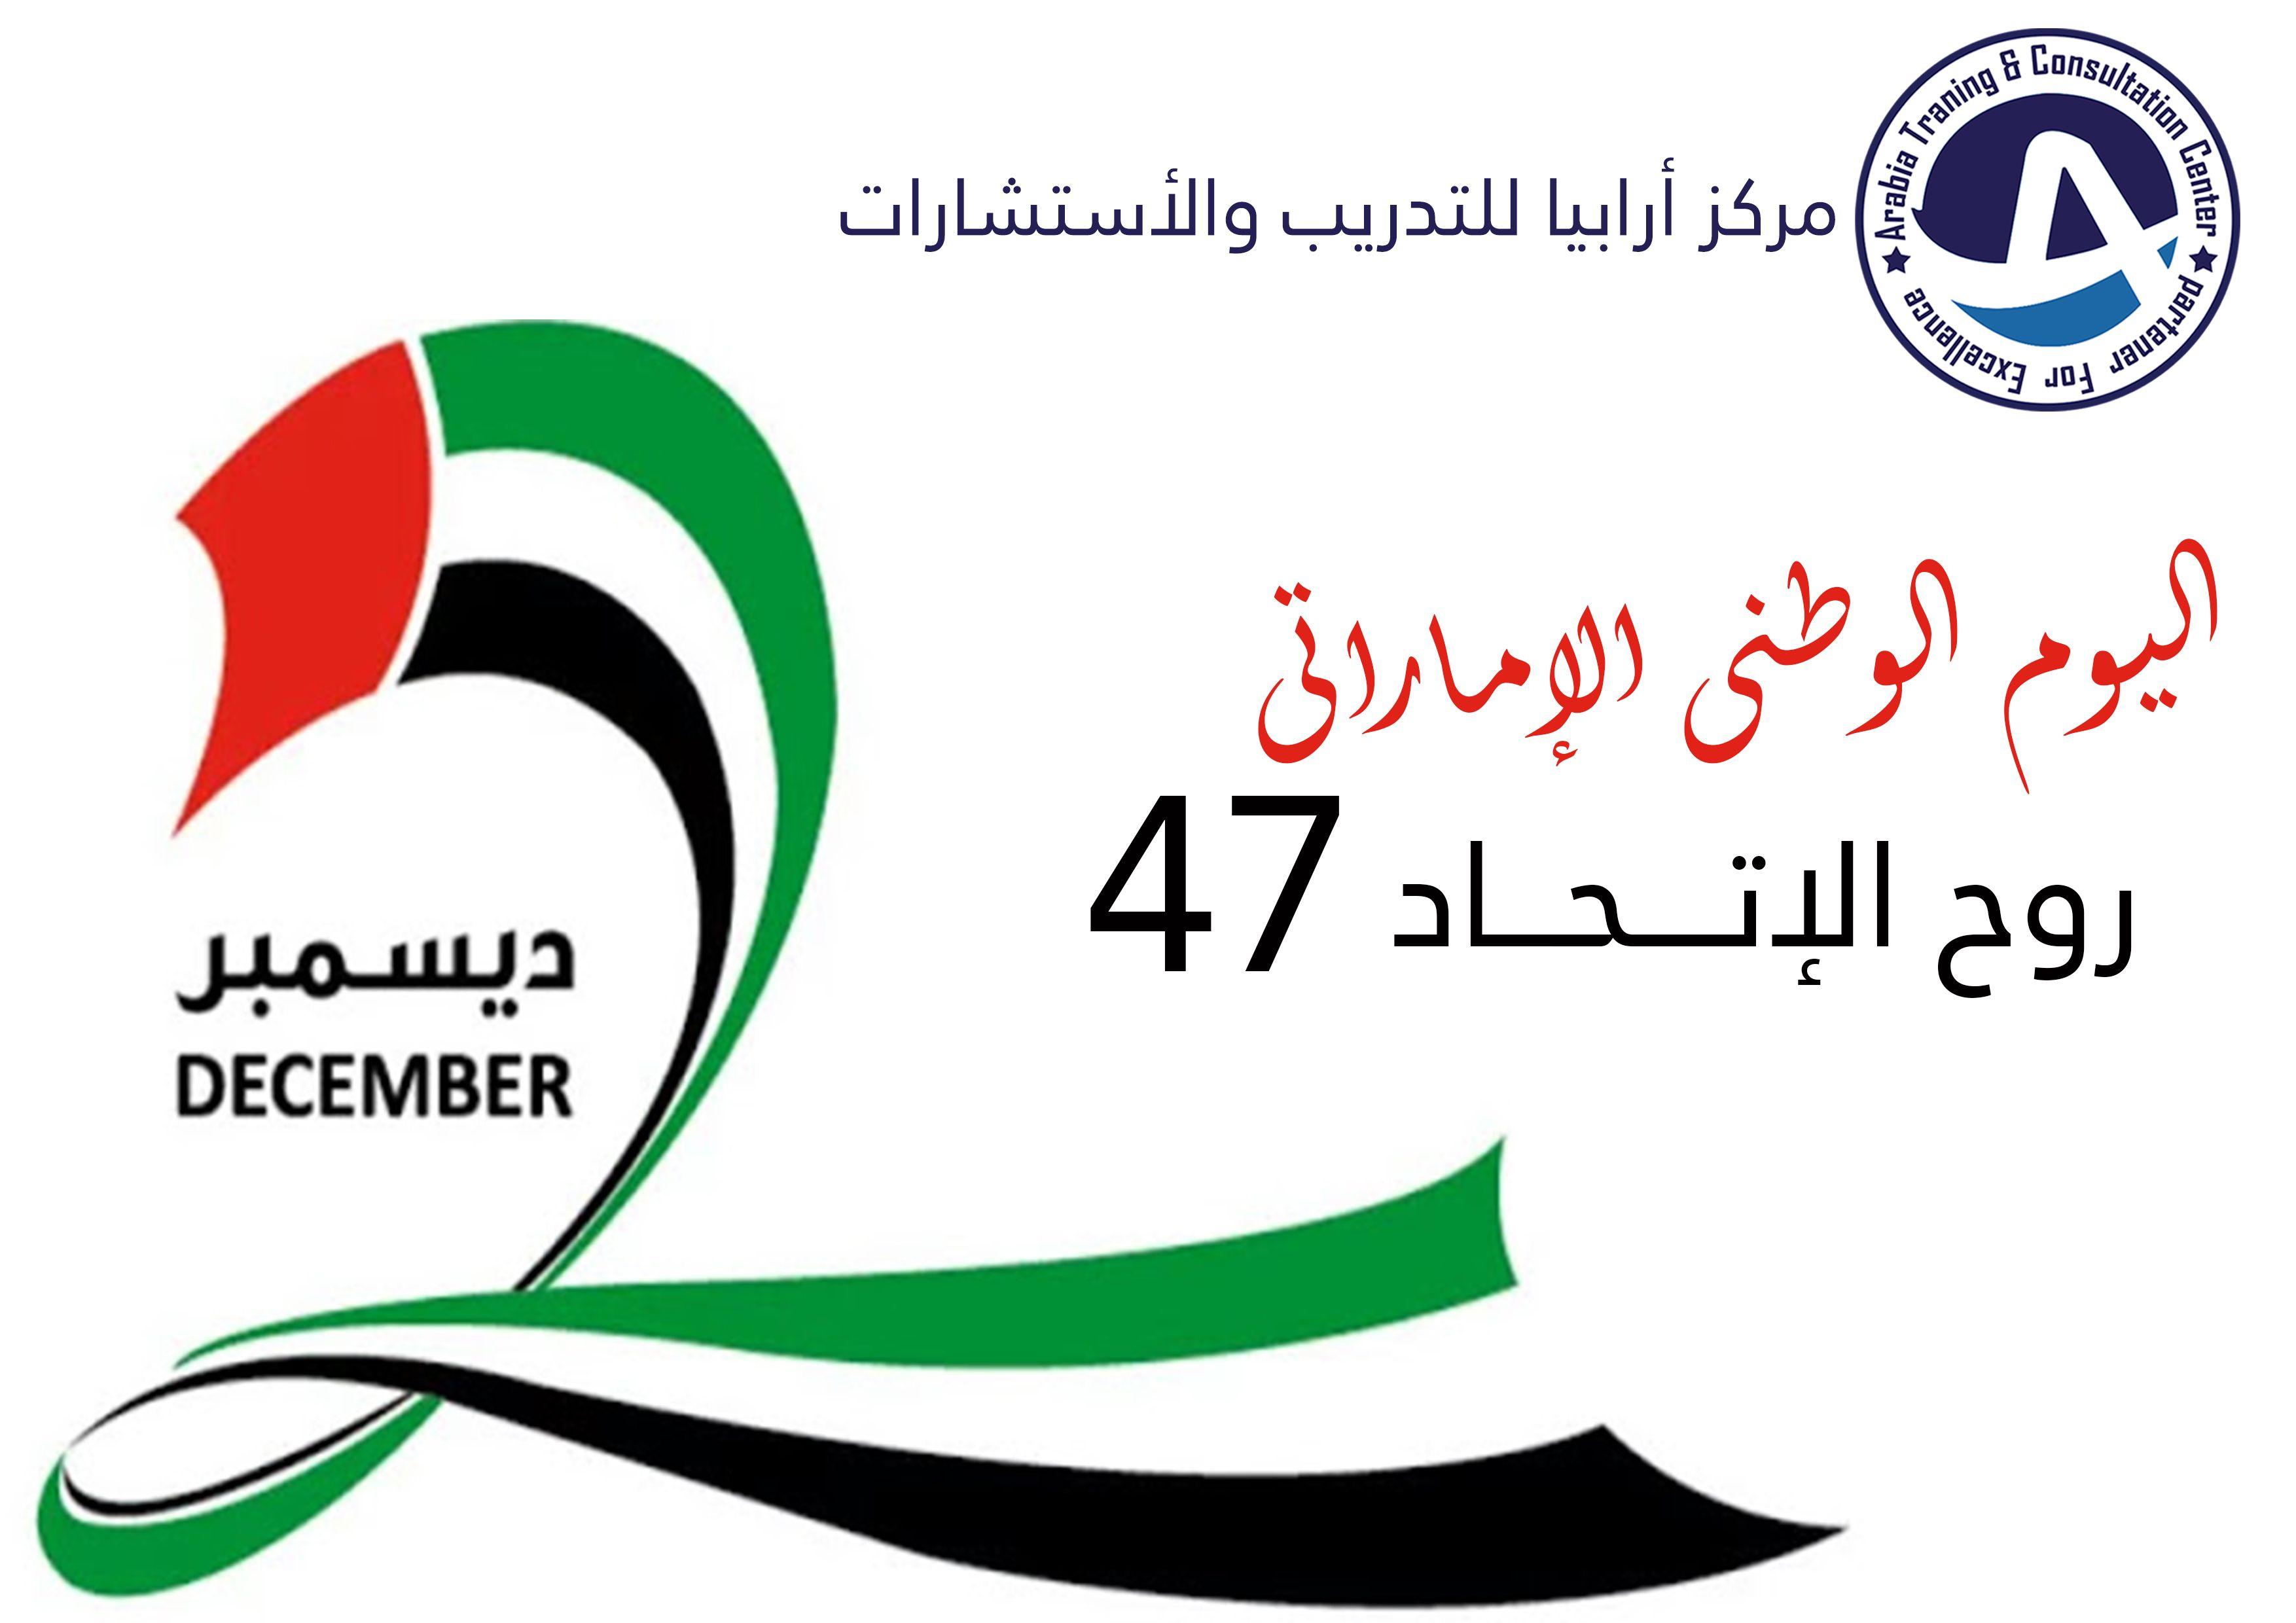 يهنئ مركز ارابيا للتدريب المملكة العربية المتحدة بالعيد الوطنى الامارتى Diy Decor Pie Chart Chart